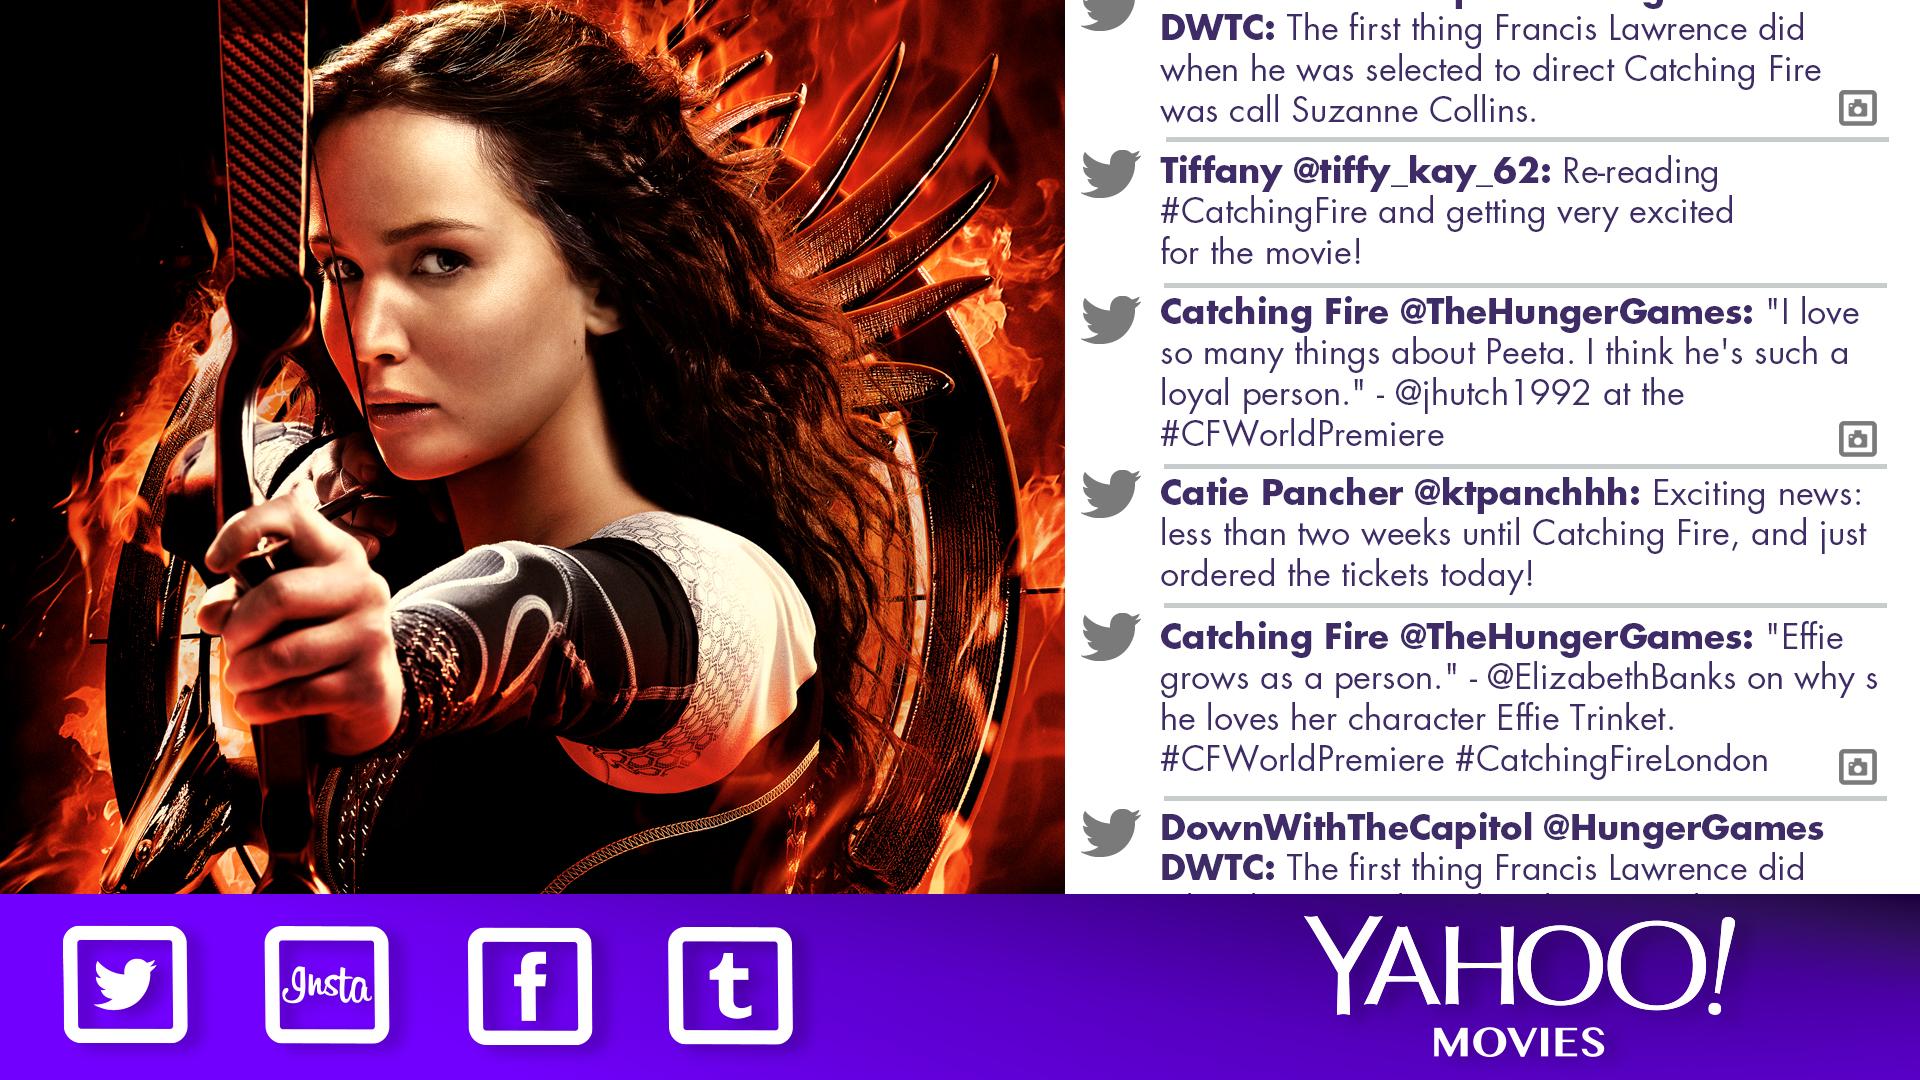 yahooGOTO build_HG_Catchingfire_twitter.jpg